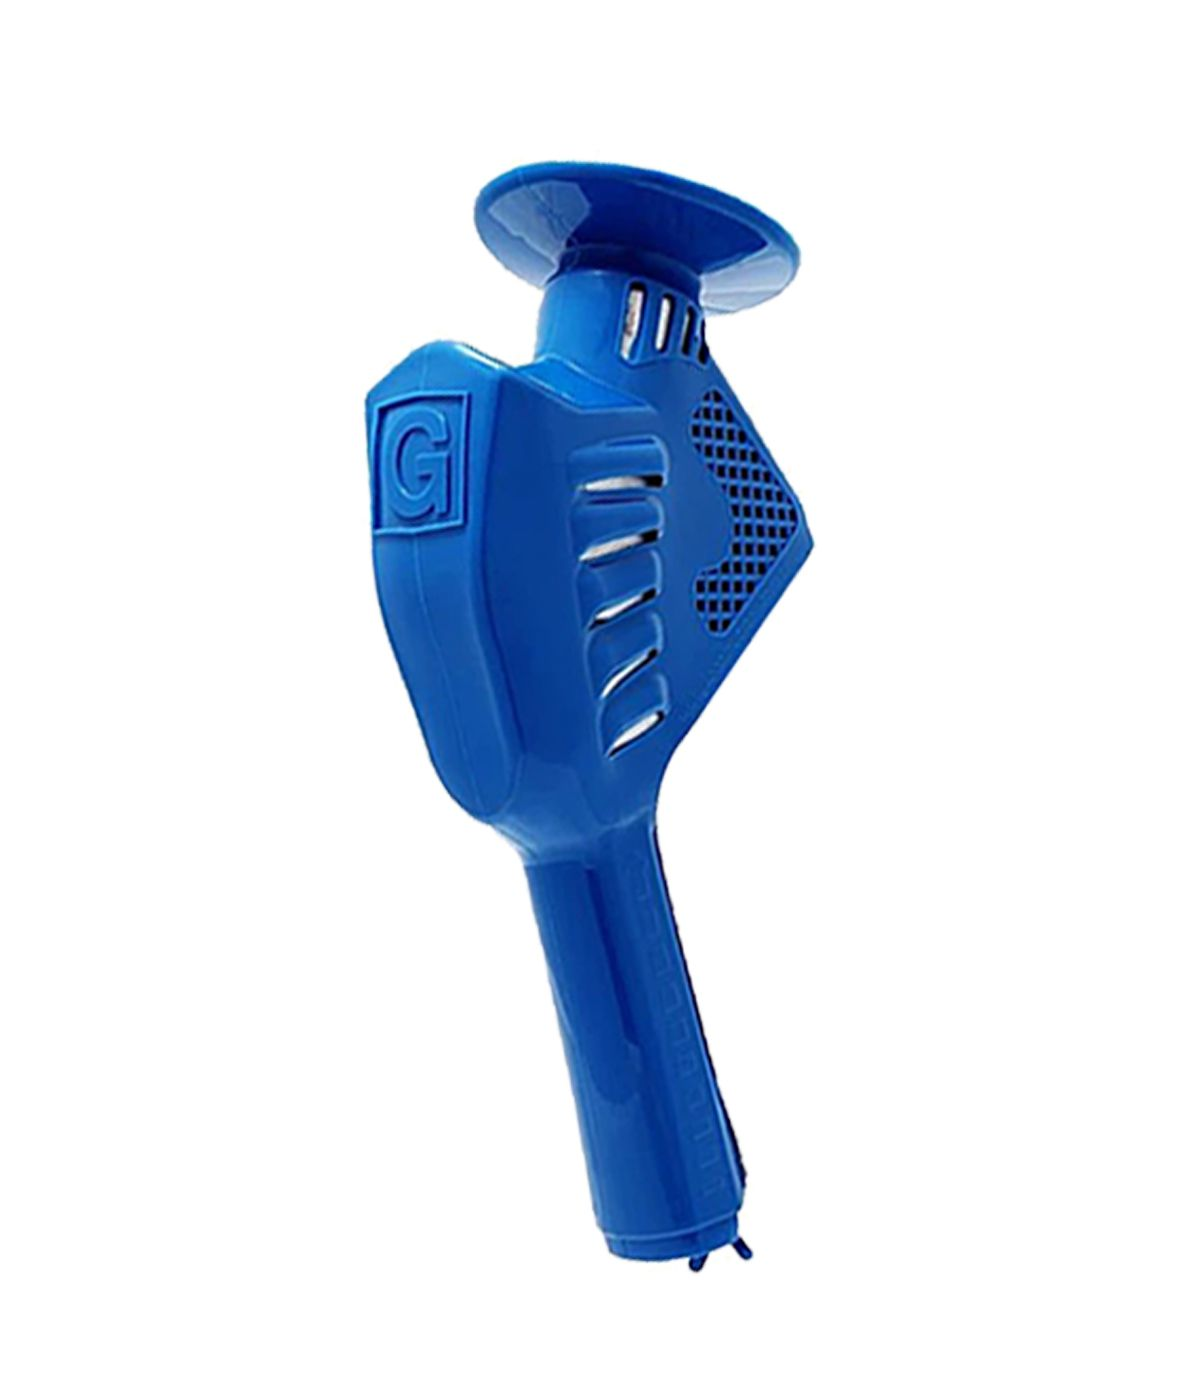 Capa para Bico 3x1 - Capa Protetora | Suporte de Mangueira | Protetor de Respingo - Azul Gasolina